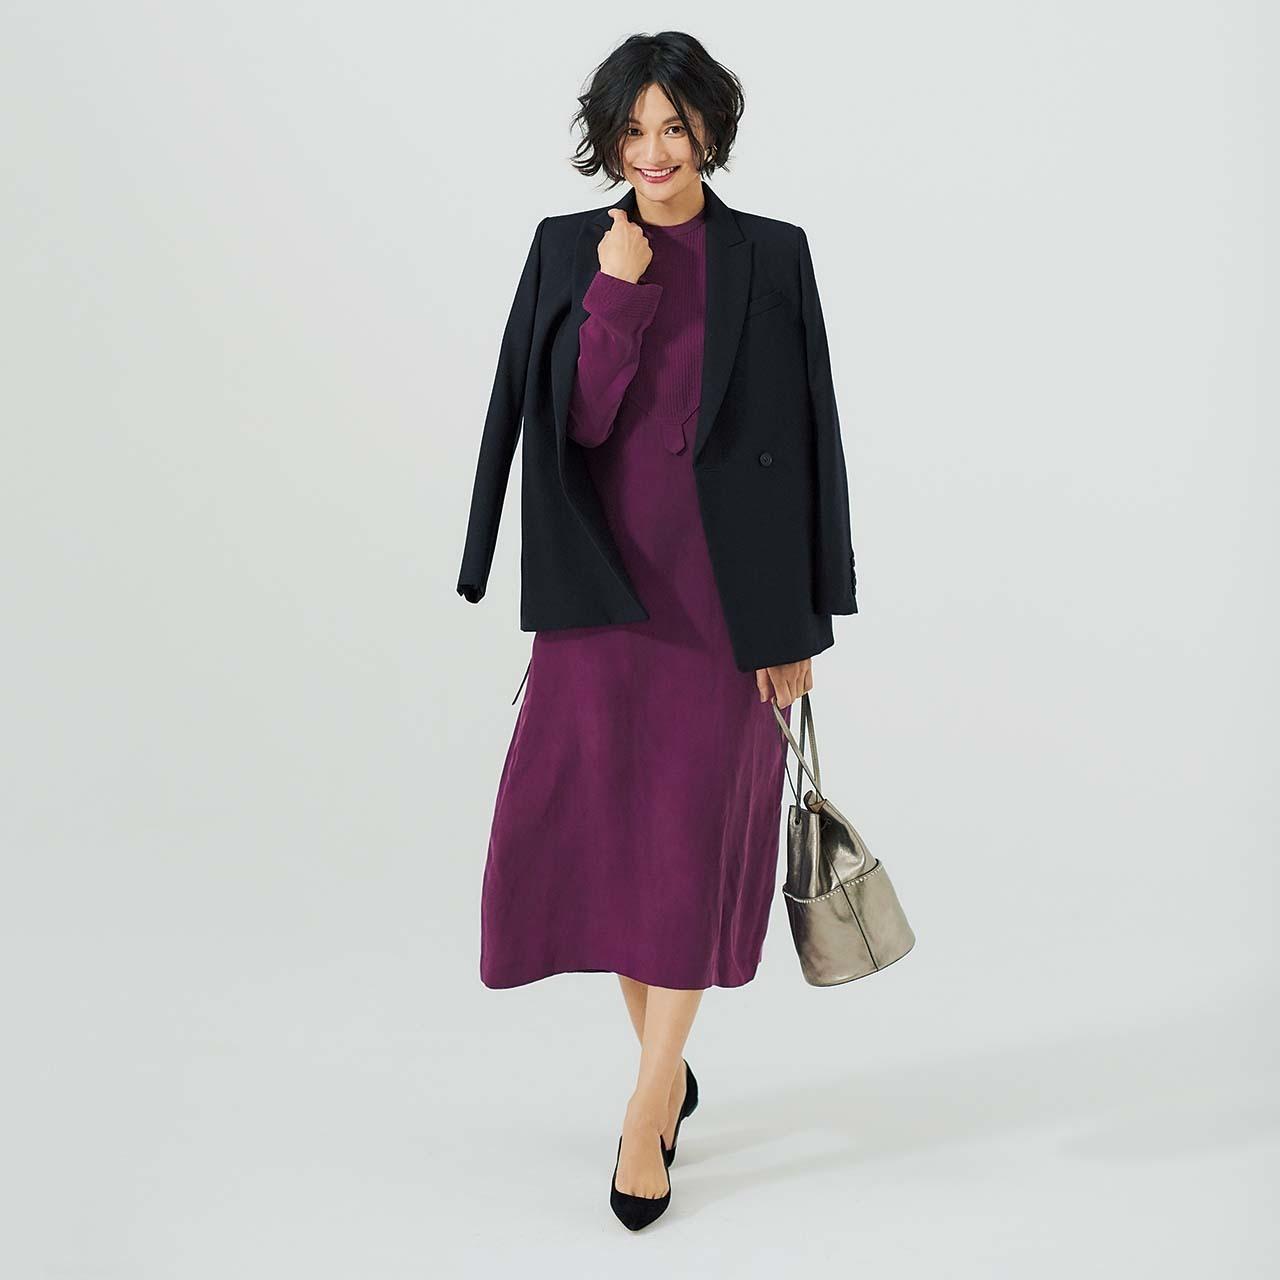 ネイビーのジャケット&きれい色ワンピースのファッションコーデ